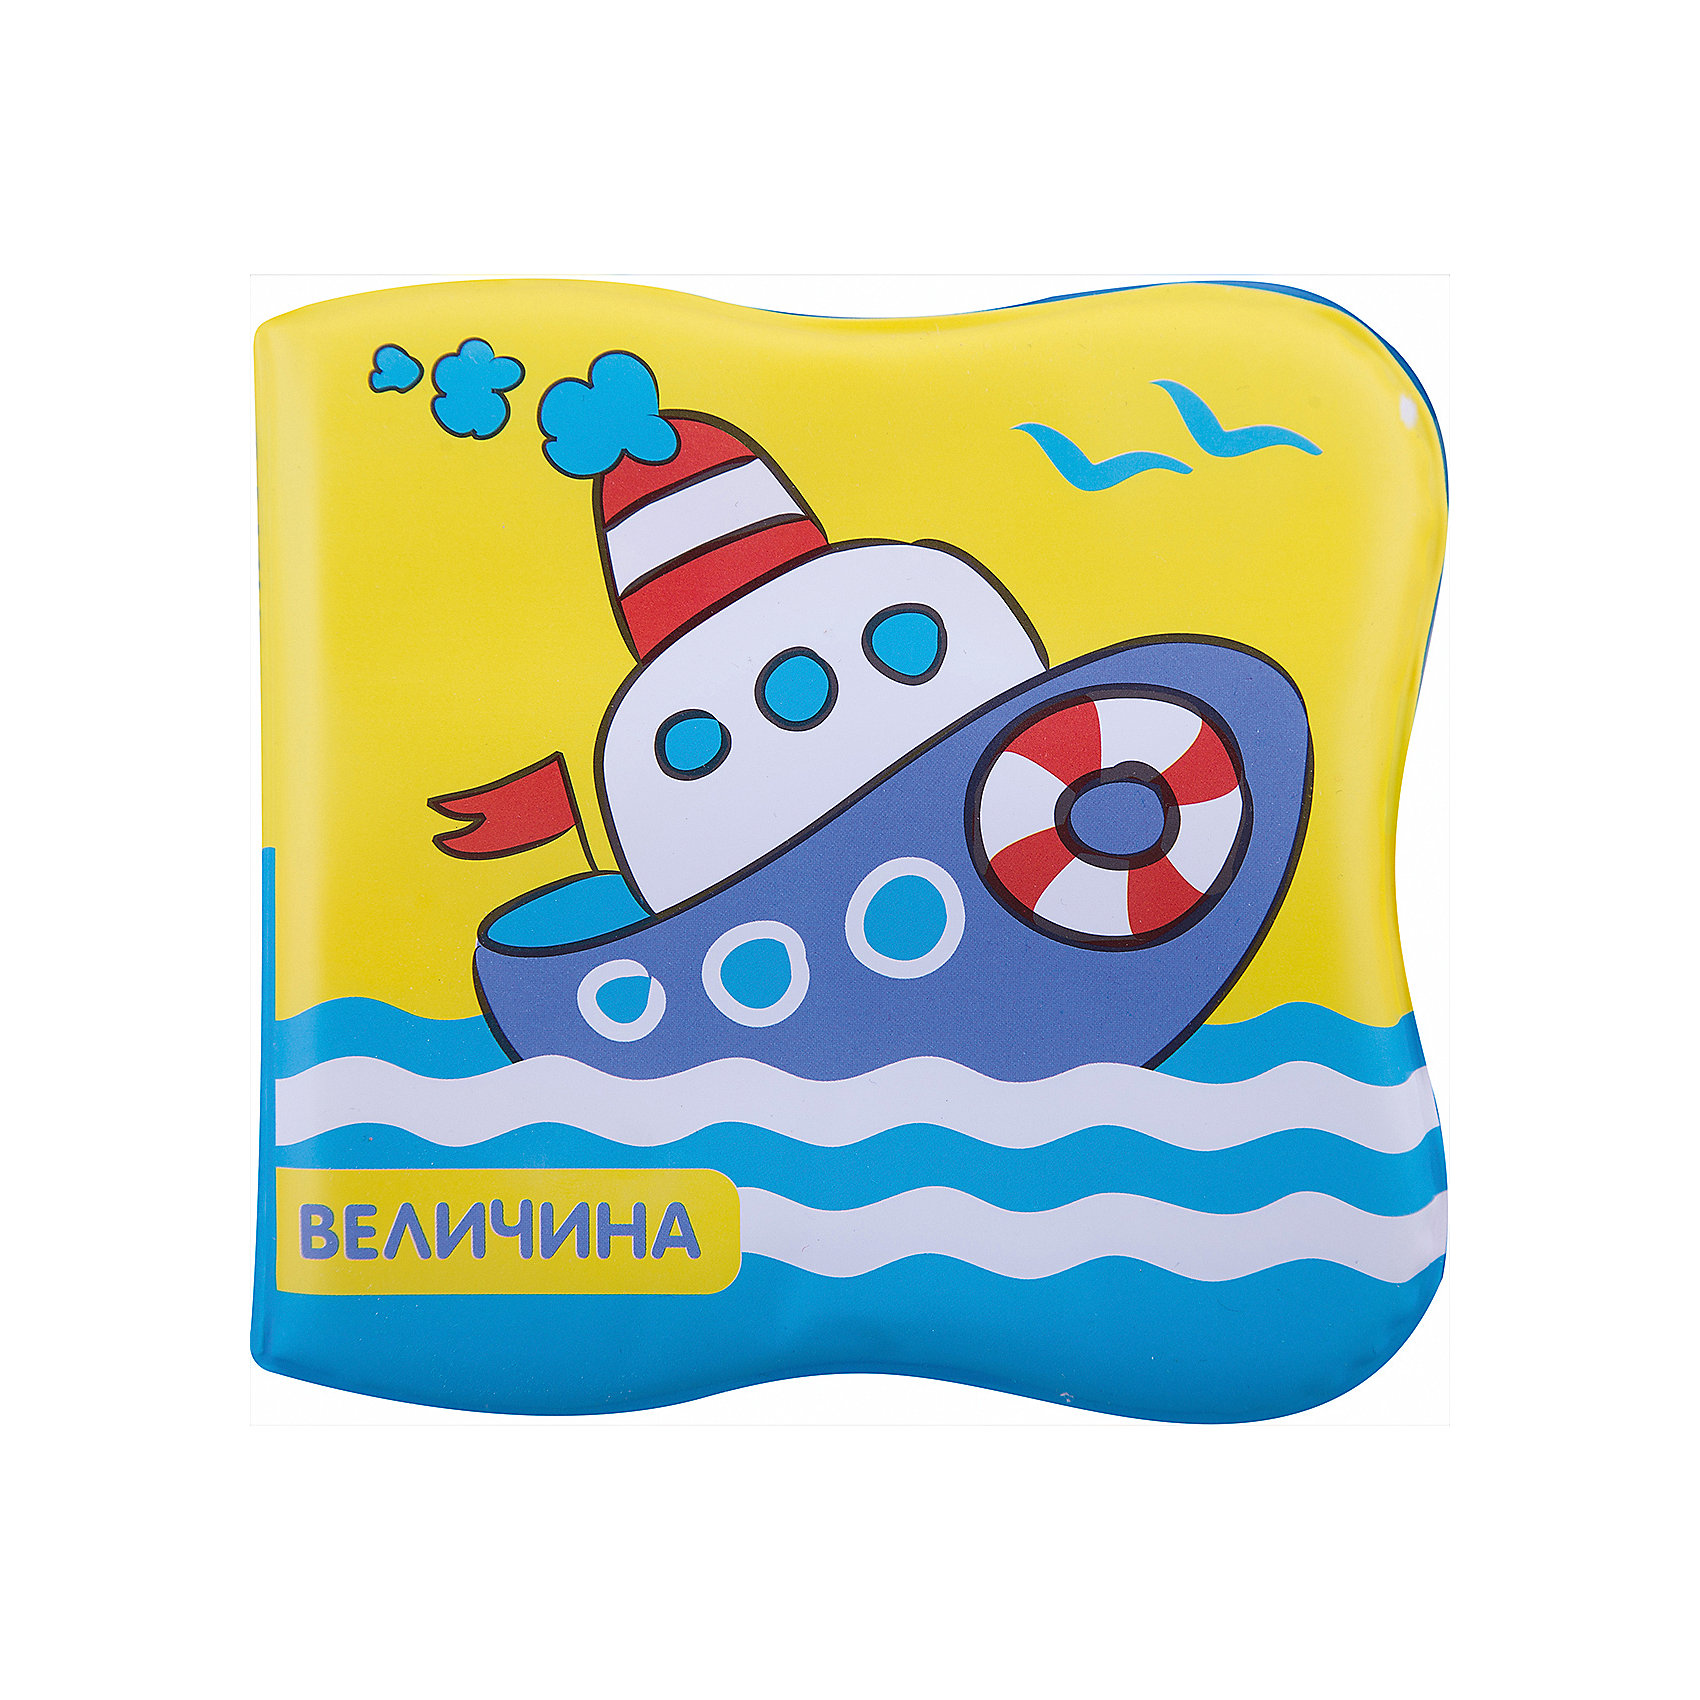 Книжка для ванной Кораблик, КупашкиИгрушки для ванной<br>Характеристики книжки для ванной Кораблик: <br><br>• возраст: до 3 лет<br>• пол: для мальчиков и девочек<br>• материал: мягкий моющийся материал.<br>• количество страниц: 6.<br>• размер игрушки: 12.5 х 12.7 х 2 см.<br>• упаковка: пакет с хедером.<br>• иллюстрации: цветные.<br>• тип обложки: мягкий.<br>• бренд: Мозаика-Синтез<br>• страна обладатель бренда: Россия.<br><br>Эта замечательная книжка от торговой марки Мозаика Синтез создана специально для малышей. Не все дети любят купаться, а с этой игрушкой, которая издает забавный писк, купание превратится в увлекательную игру. Родители могут прочитать ребенку стихотворения, напечатанные на страницах, благодаря которым он познакомится с понятием Величина.<br><br>Книжку для ванной Кораблик торговой марки Мозаика Синтез можно купить в нашем интернет-магазине.<br><br>Ширина мм: 20<br>Глубина мм: 127<br>Высота мм: 125<br>Вес г: 37<br>Возраст от месяцев: 0<br>Возраст до месяцев: 36<br>Пол: Унисекс<br>Возраст: Детский<br>SKU: 5362910